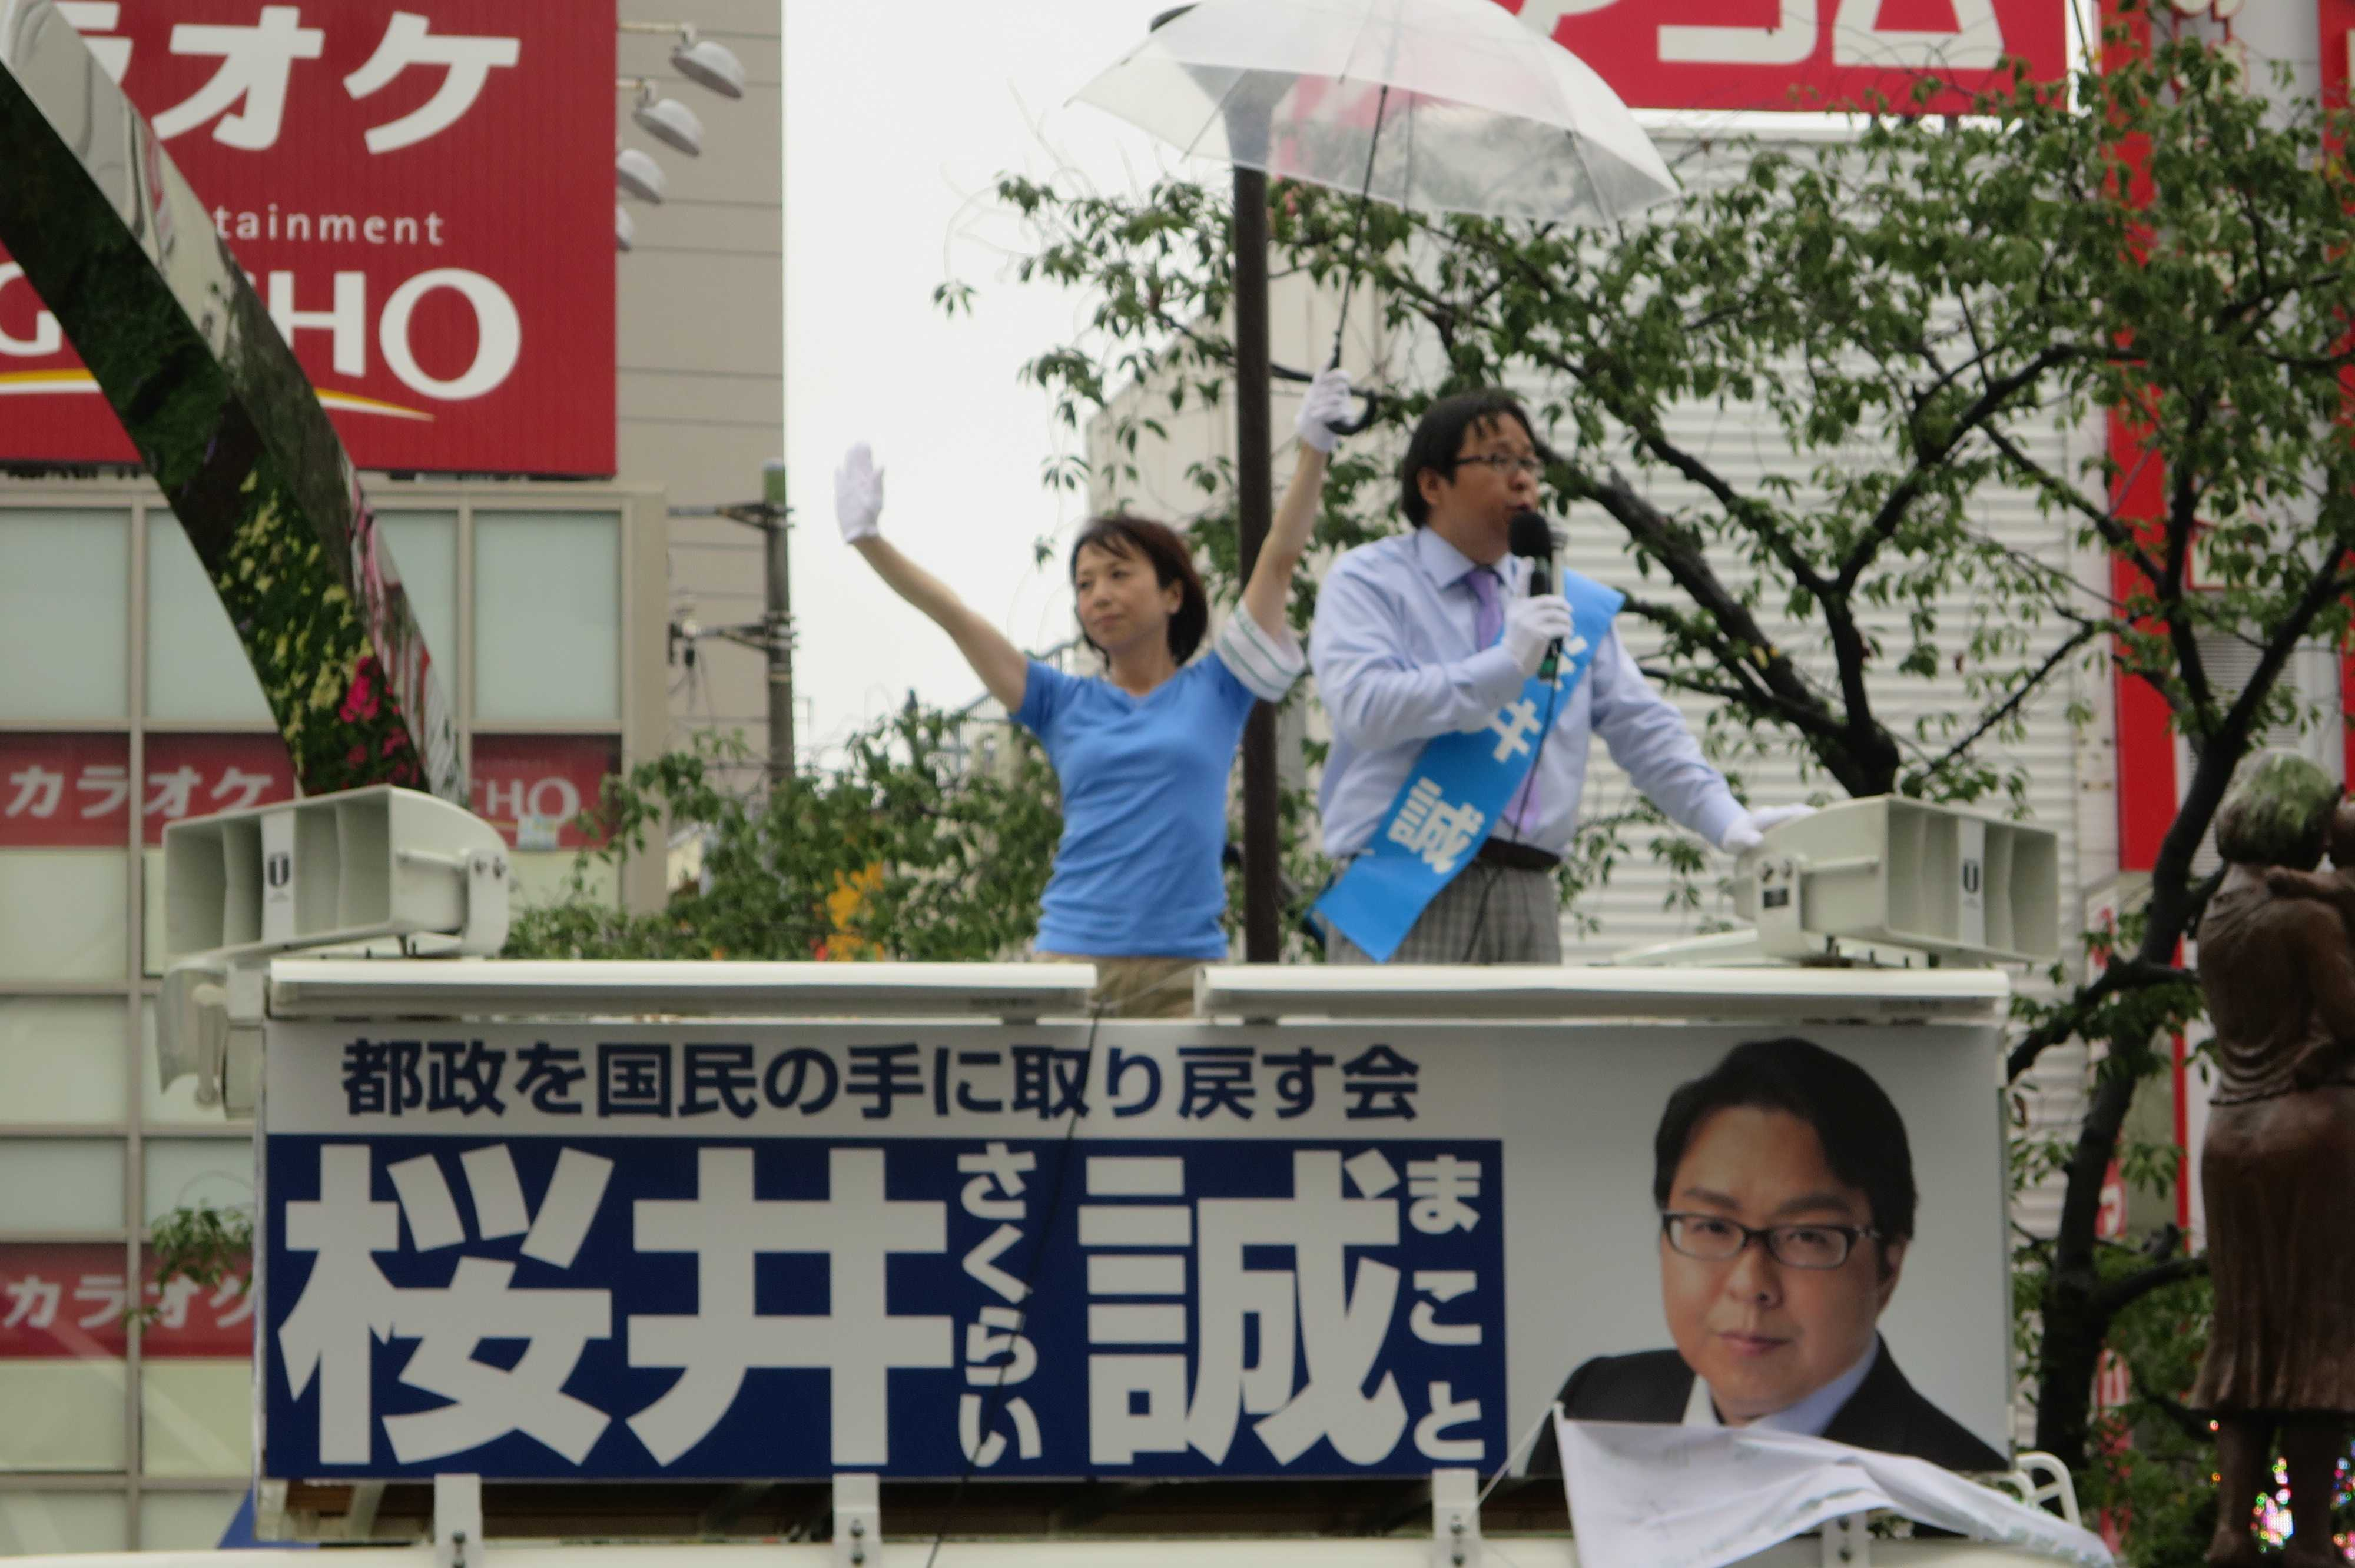 都知事選挙に立候補した桜井誠候補の街頭演説